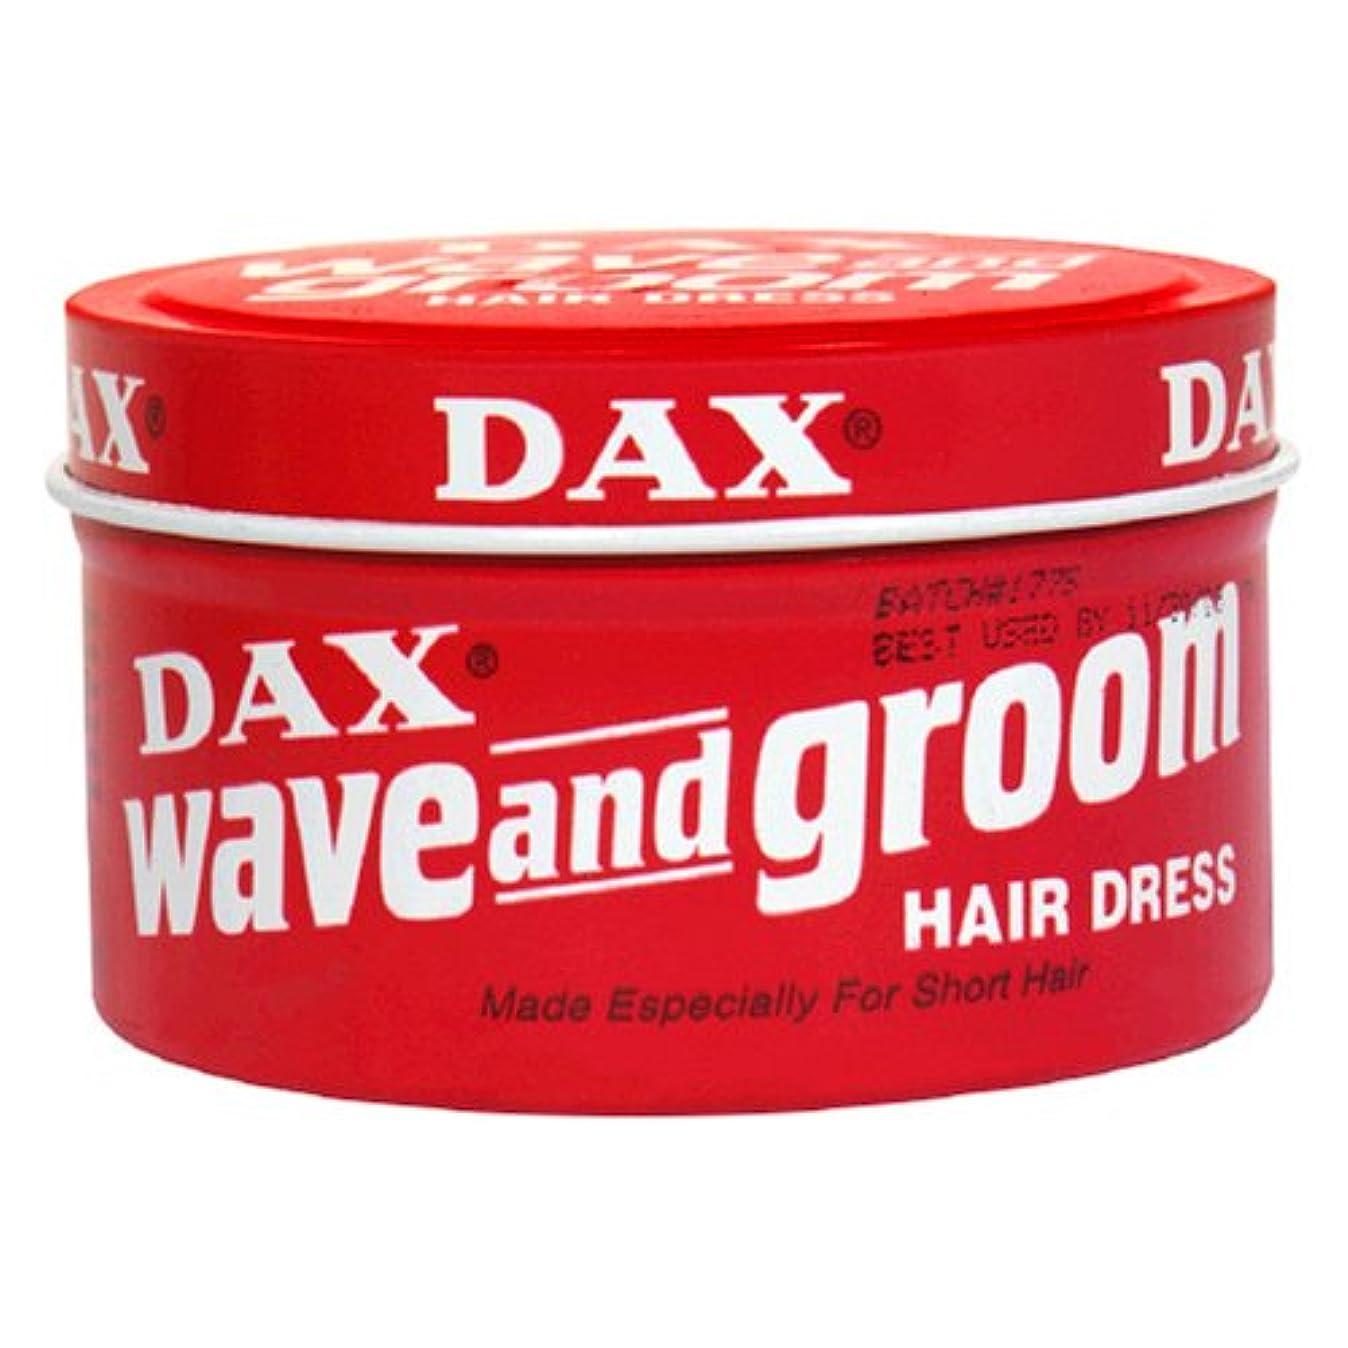 意図するモロニック受動的Dax Wave & Groom Hair Dress 99 gm Jar (Case of 6) (並行輸入品)